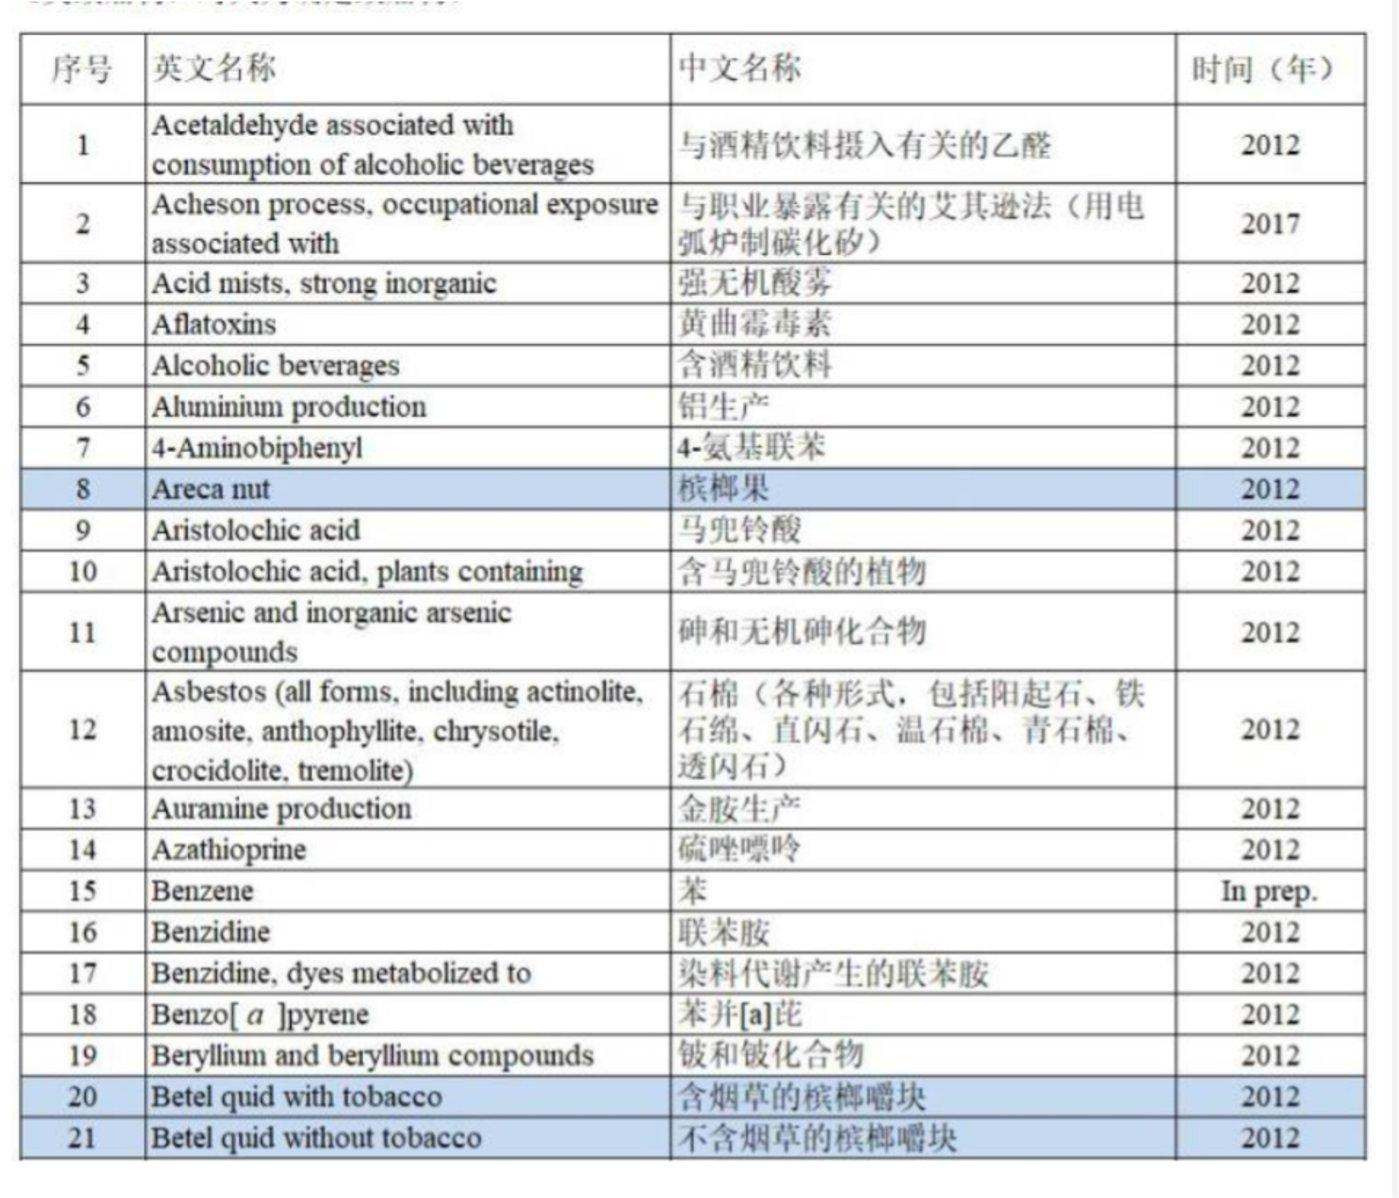 1类致癌物清单,来源:三联生活周刊